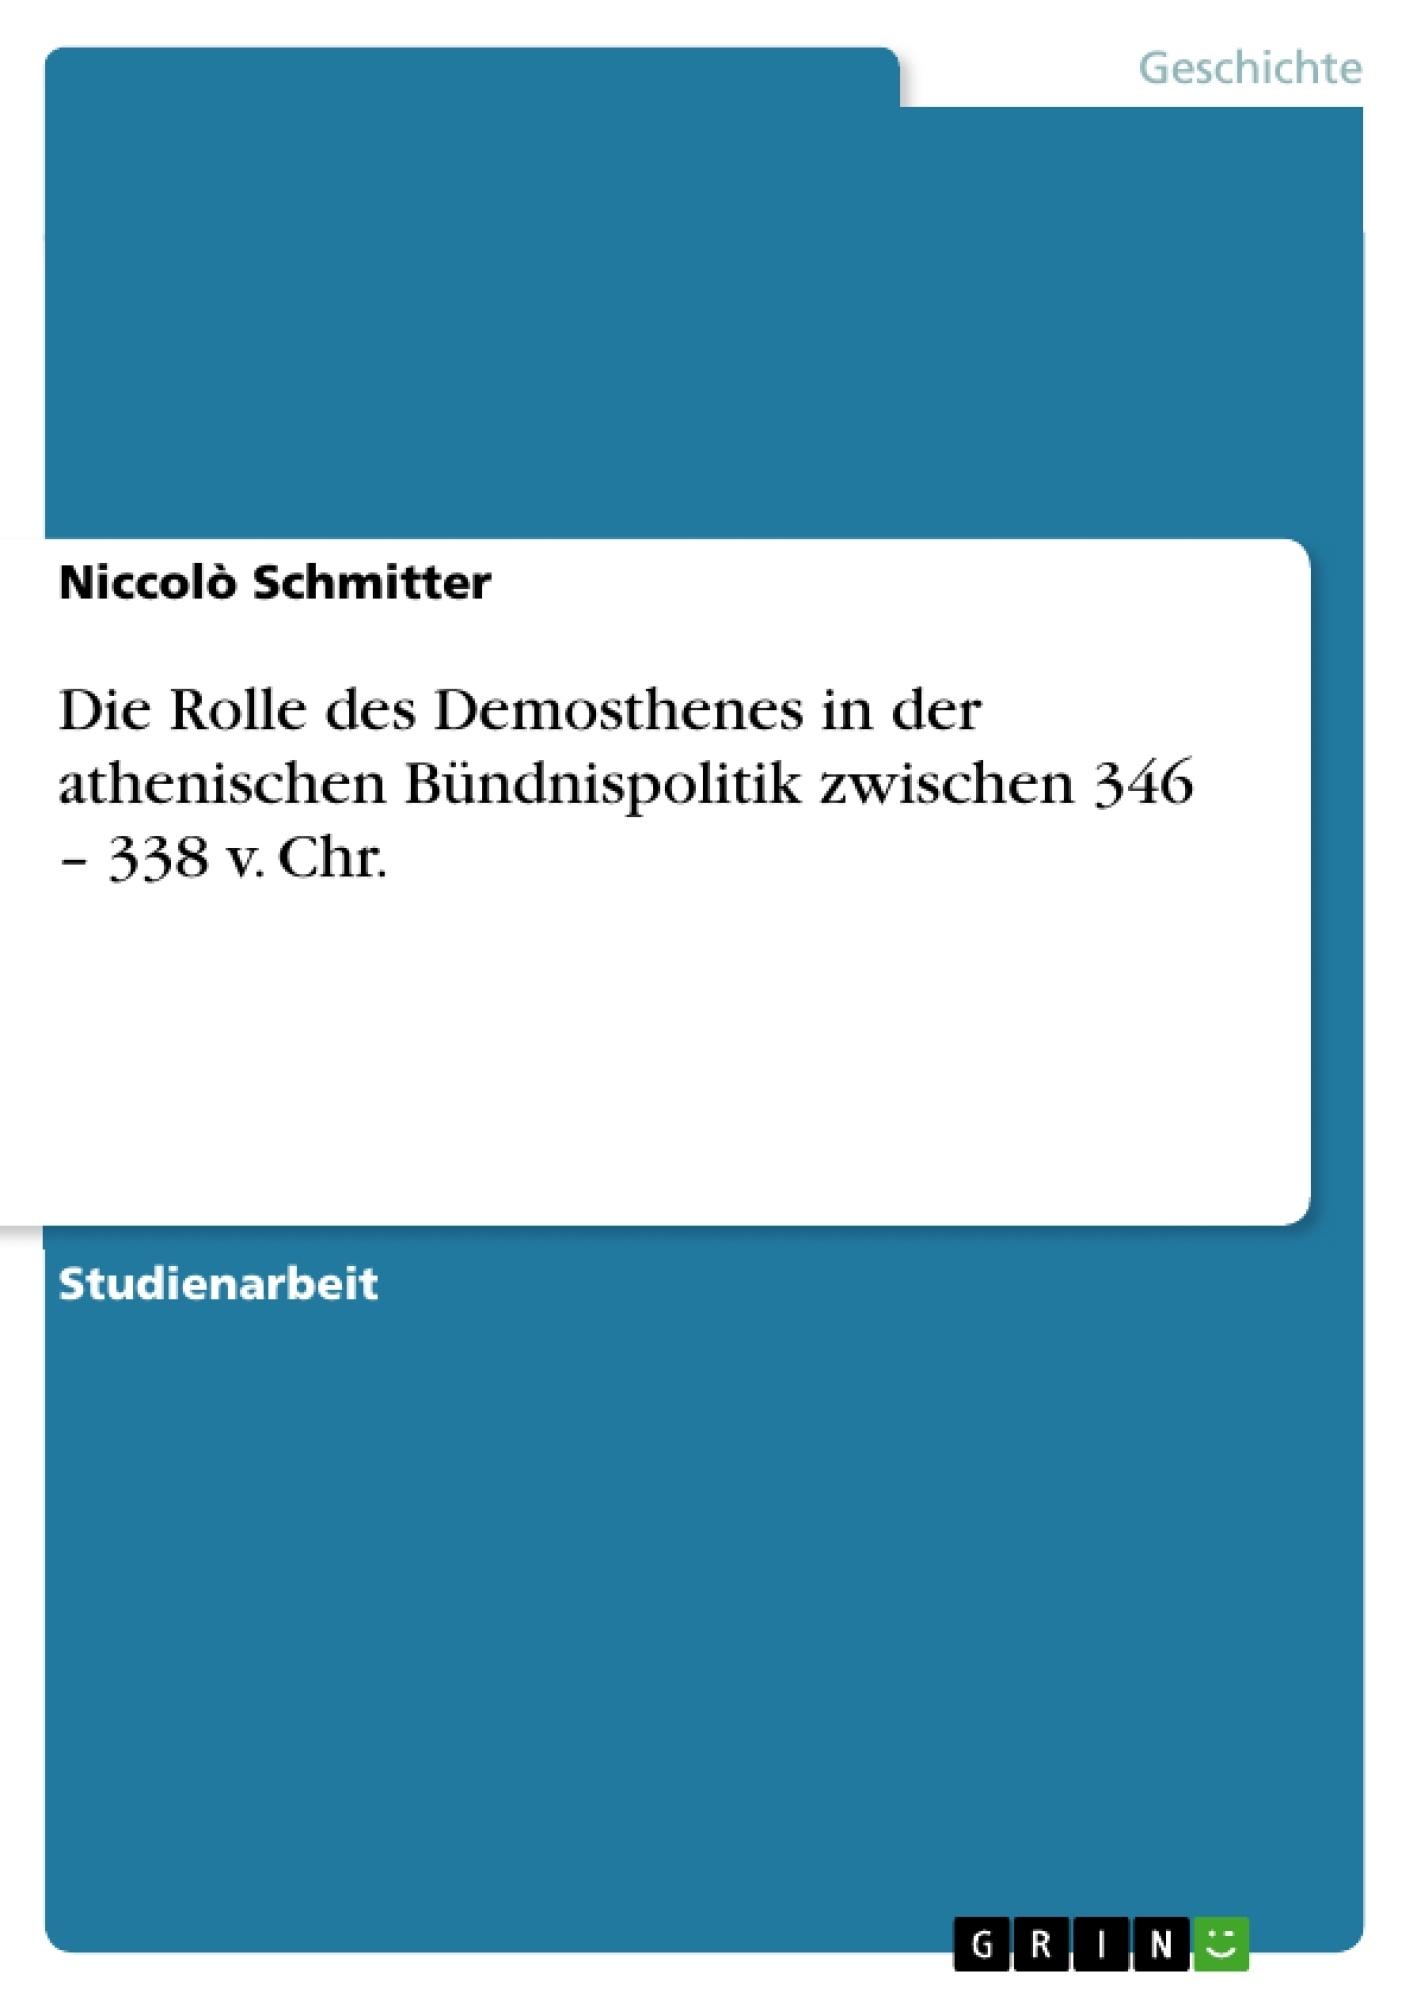 Titel: Die Rolle des Demosthenes in der athenischen Bündnispolitik zwischen 346 – 338 v. Chr.